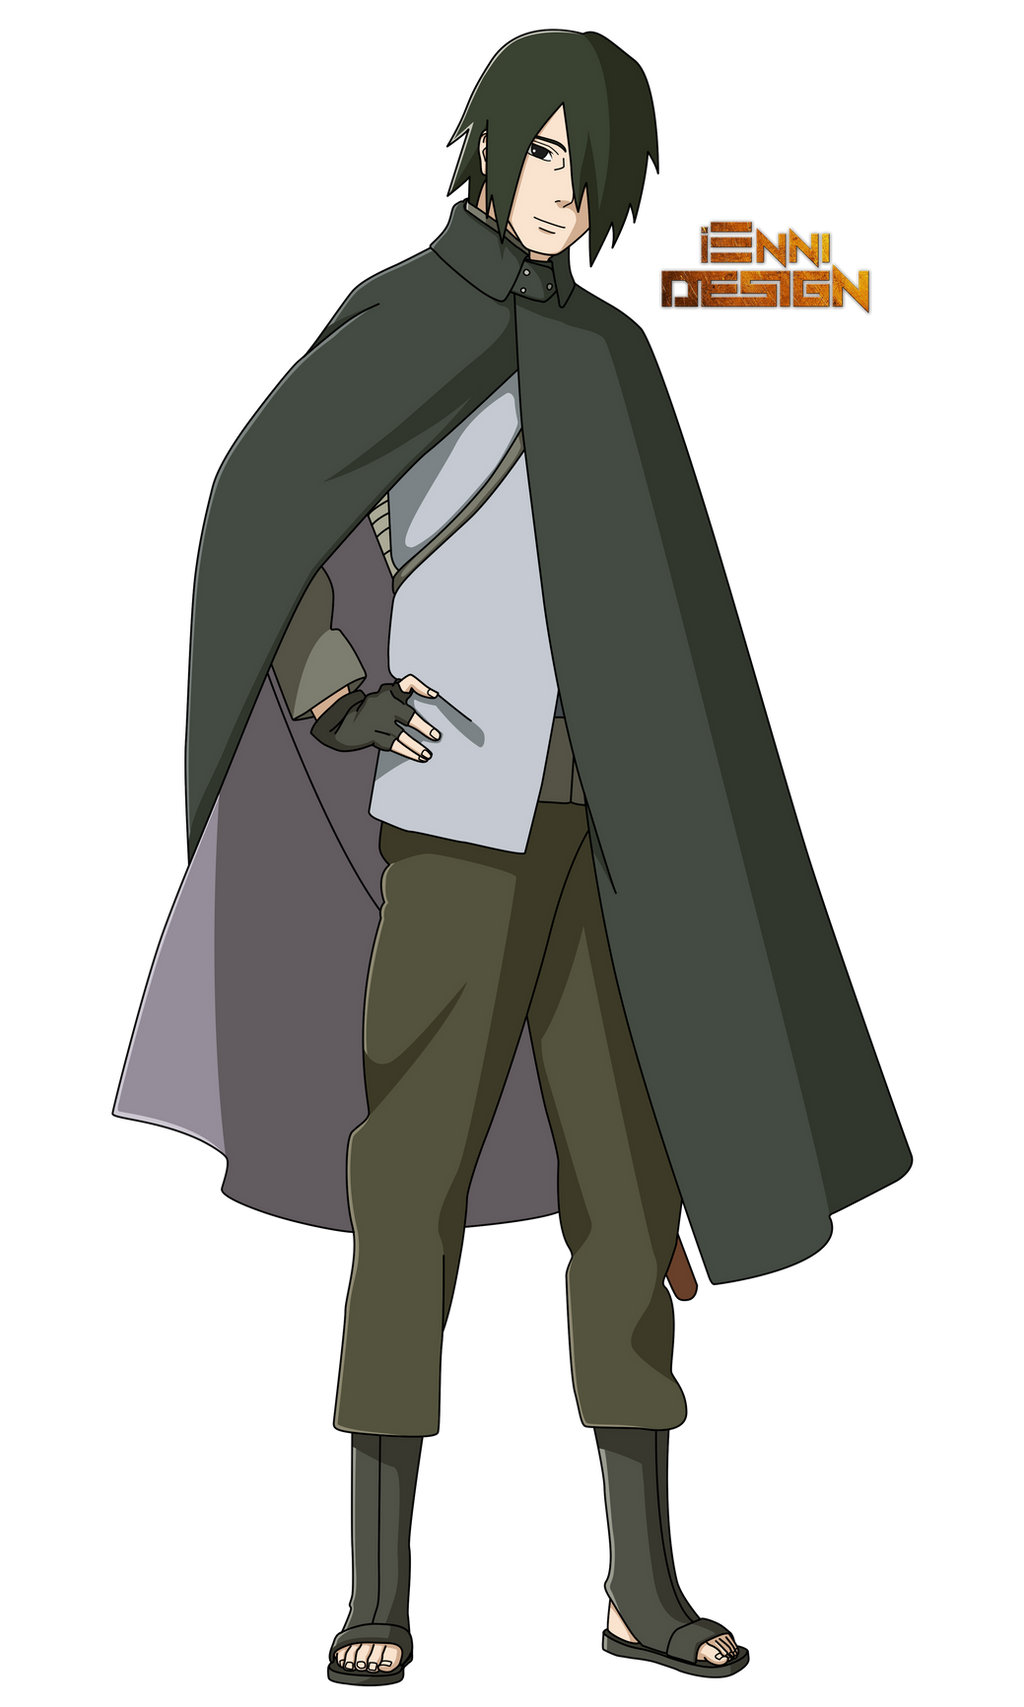 Boruto: The Next Generation|Sasuke Uchiha by iEnniDESIGN ...